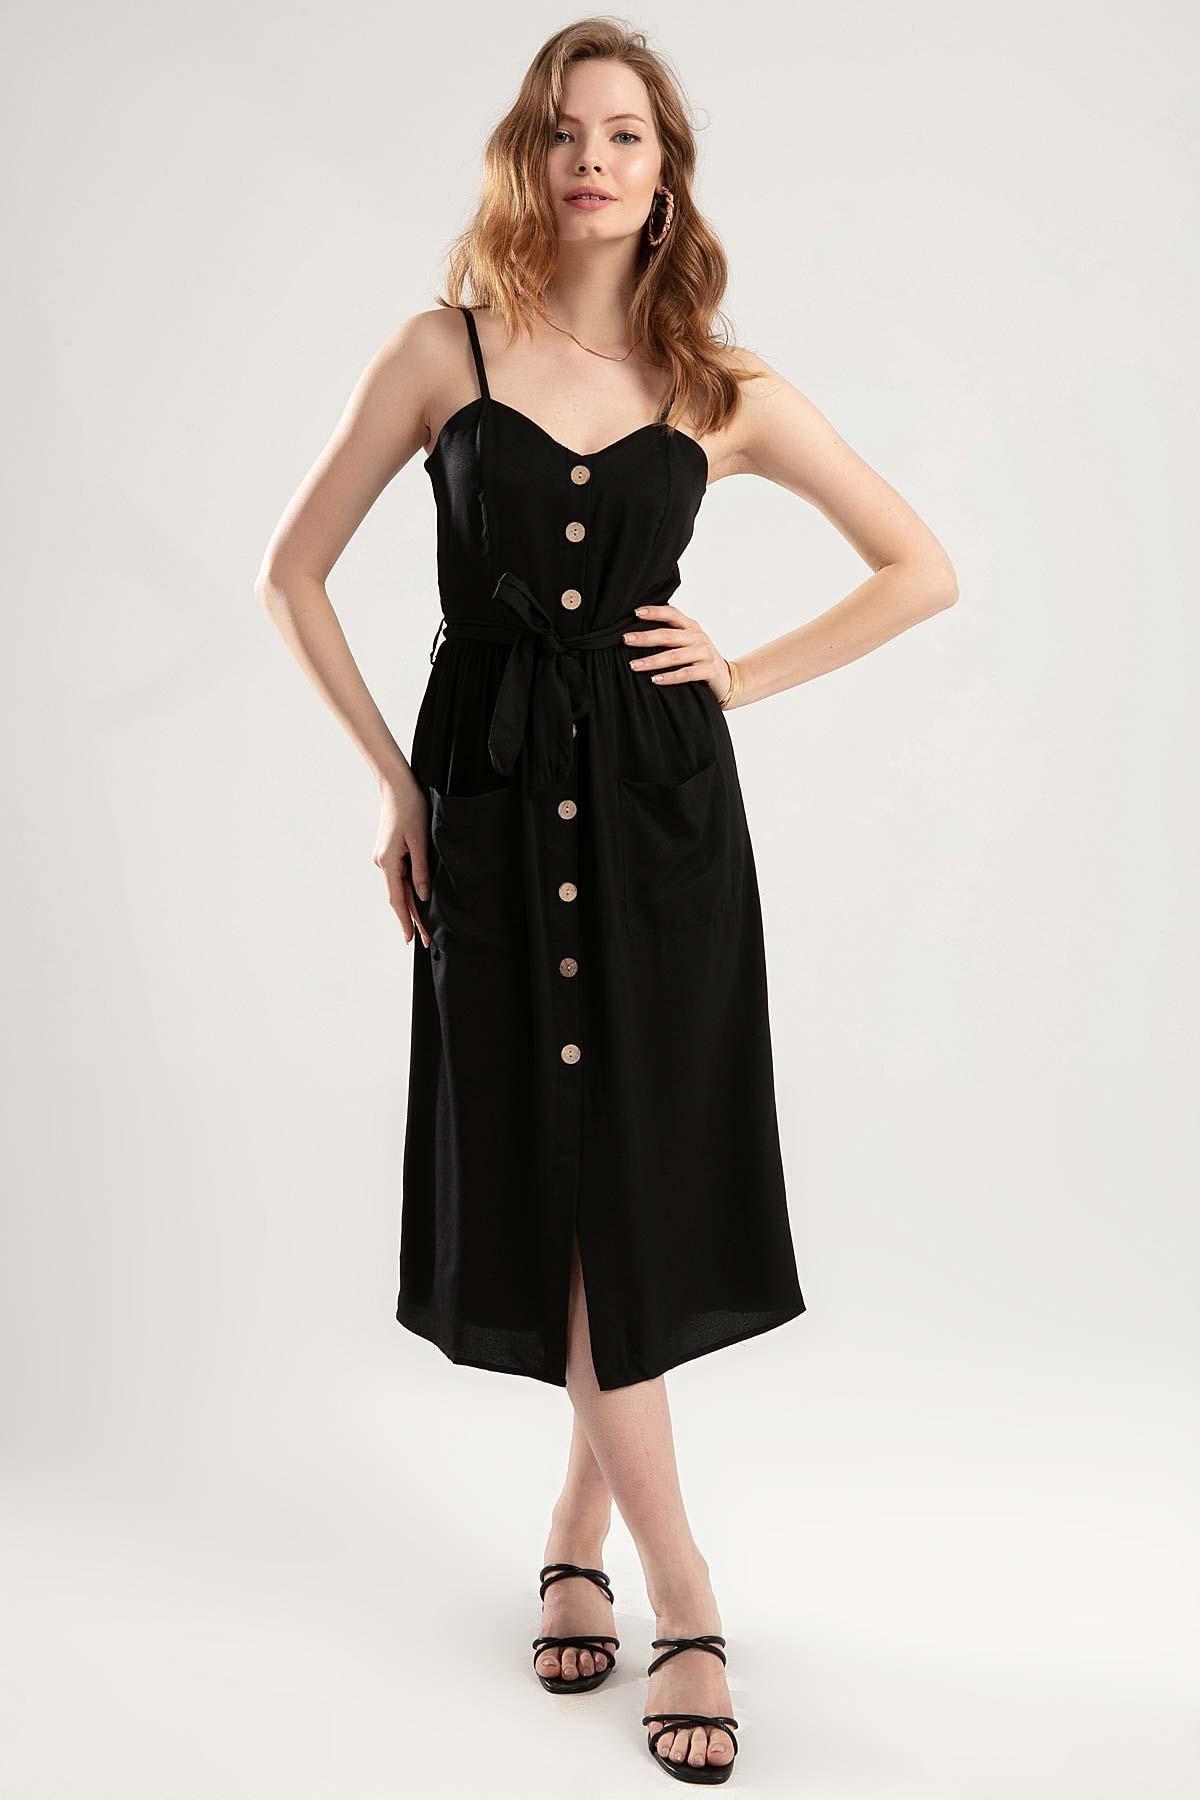 Y-London Kadın Siyah Askılı Düğmeli Cepli Kuşaklı Elbise Y20S134-1556